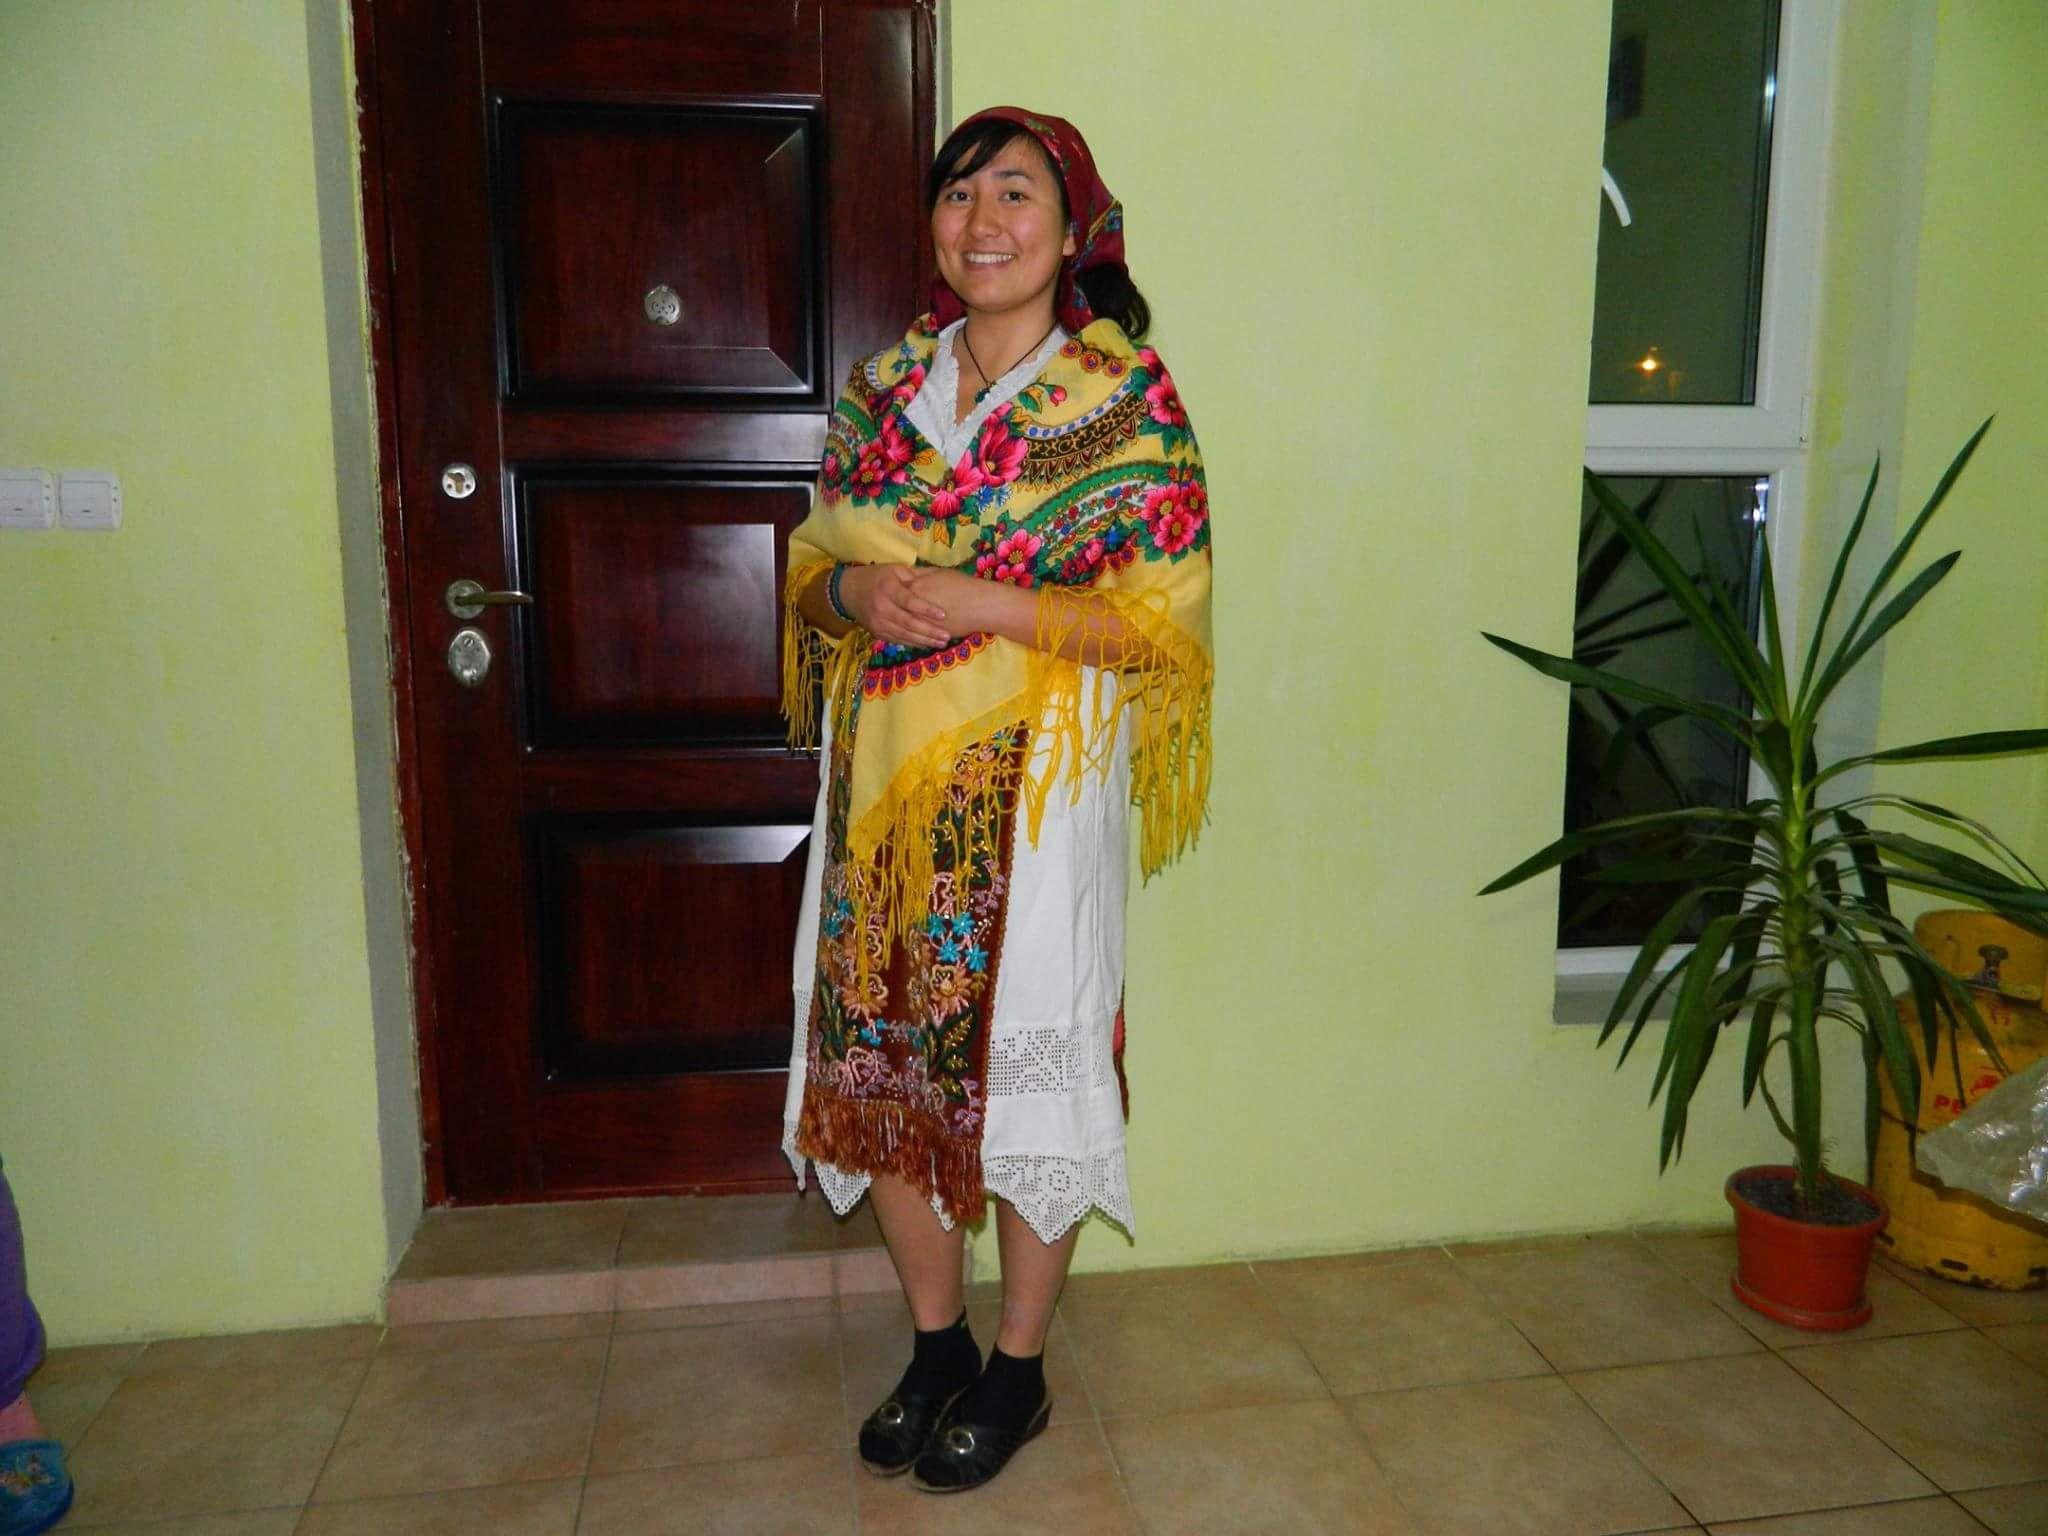 În Români, într-o localitate din Timișoara, Sofia a avut ocazia să îmbrace un costum popular românesc.